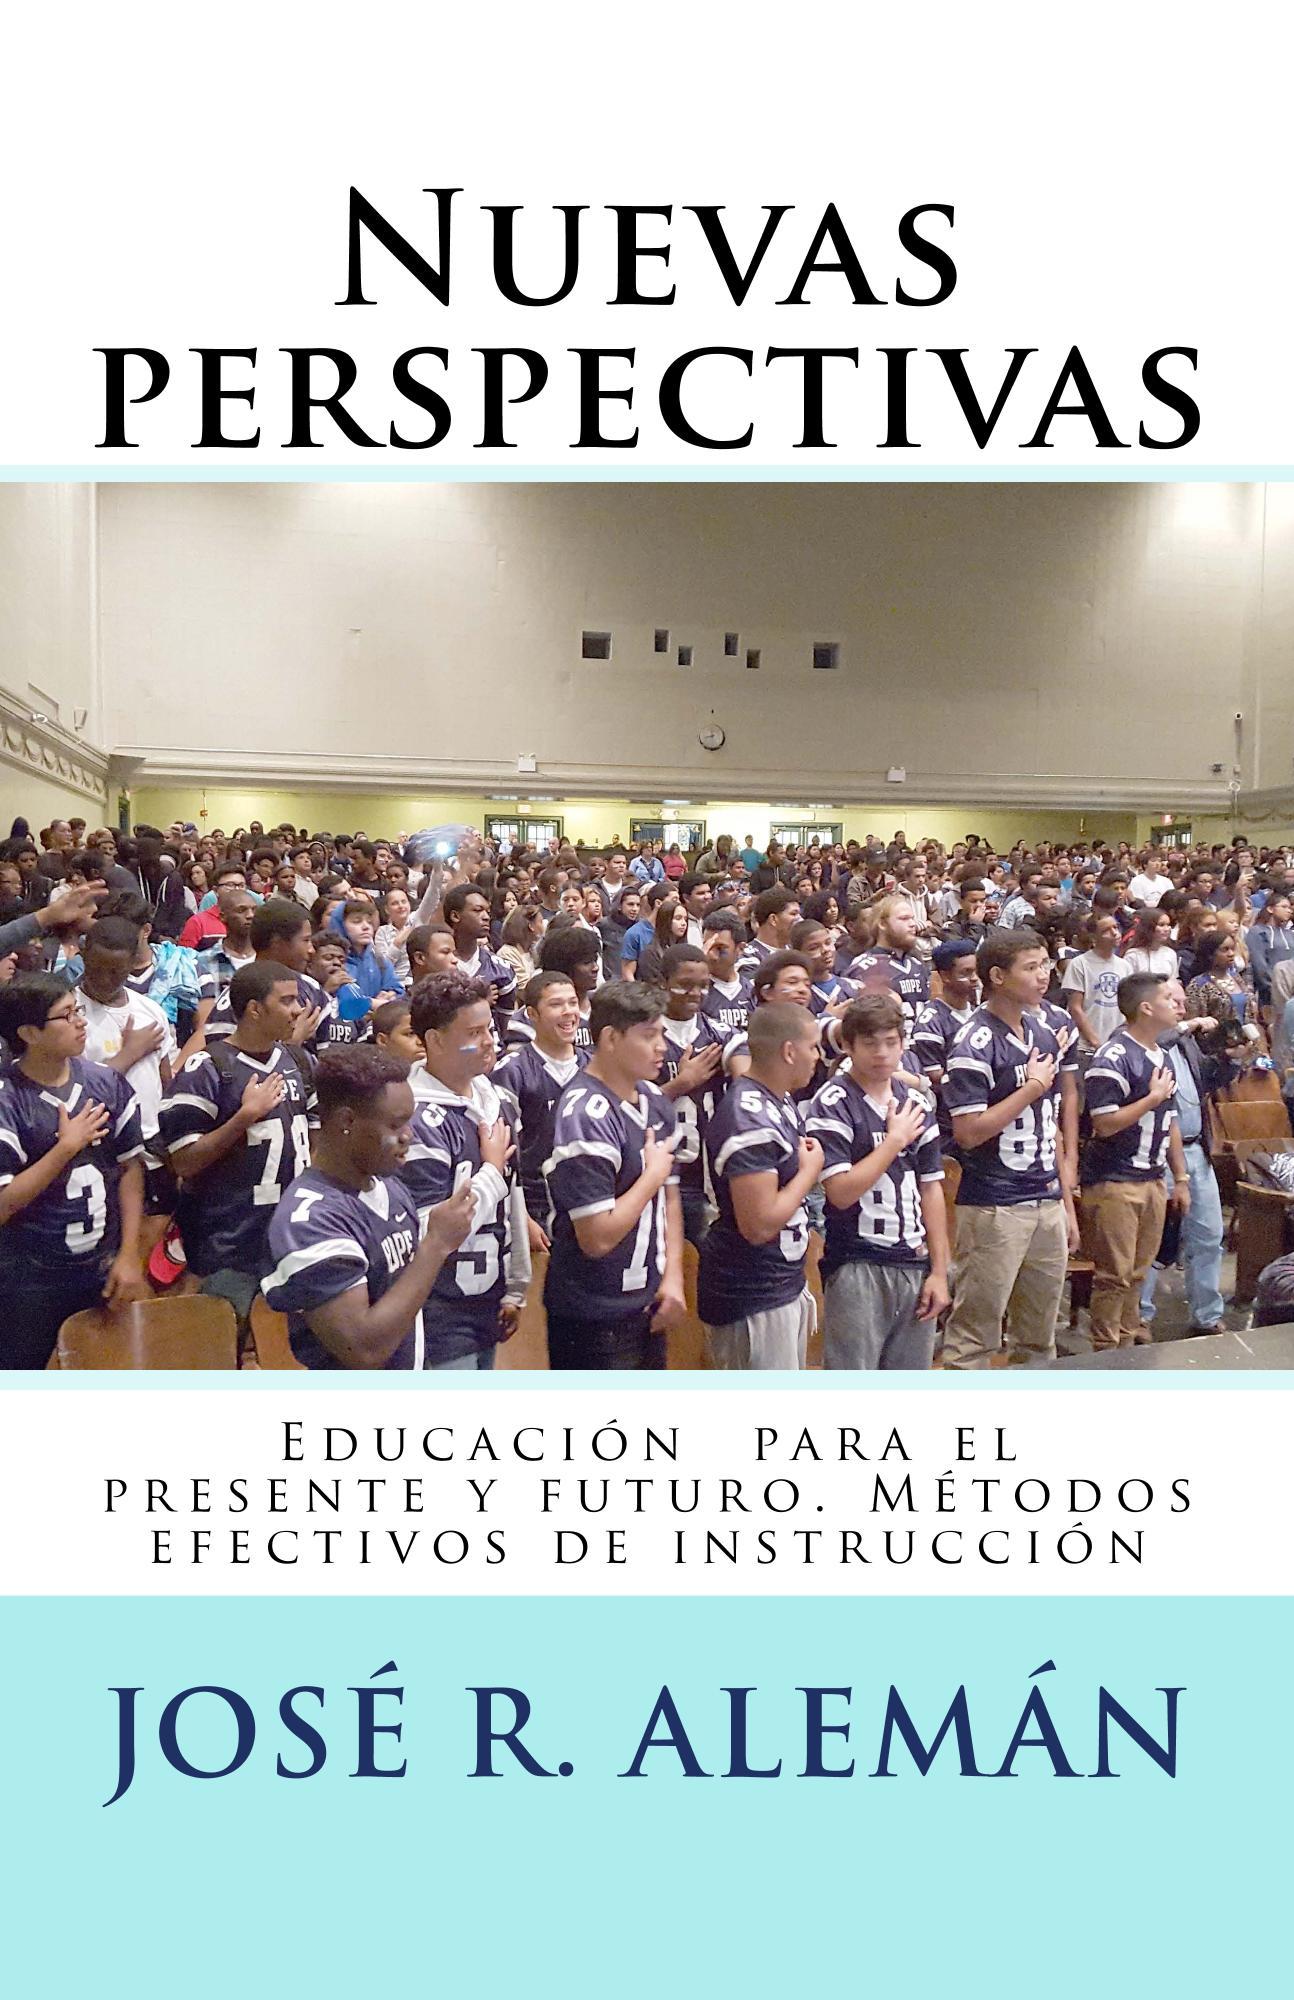 Nuevas_perspectivas_deJoseRAlemanPortada